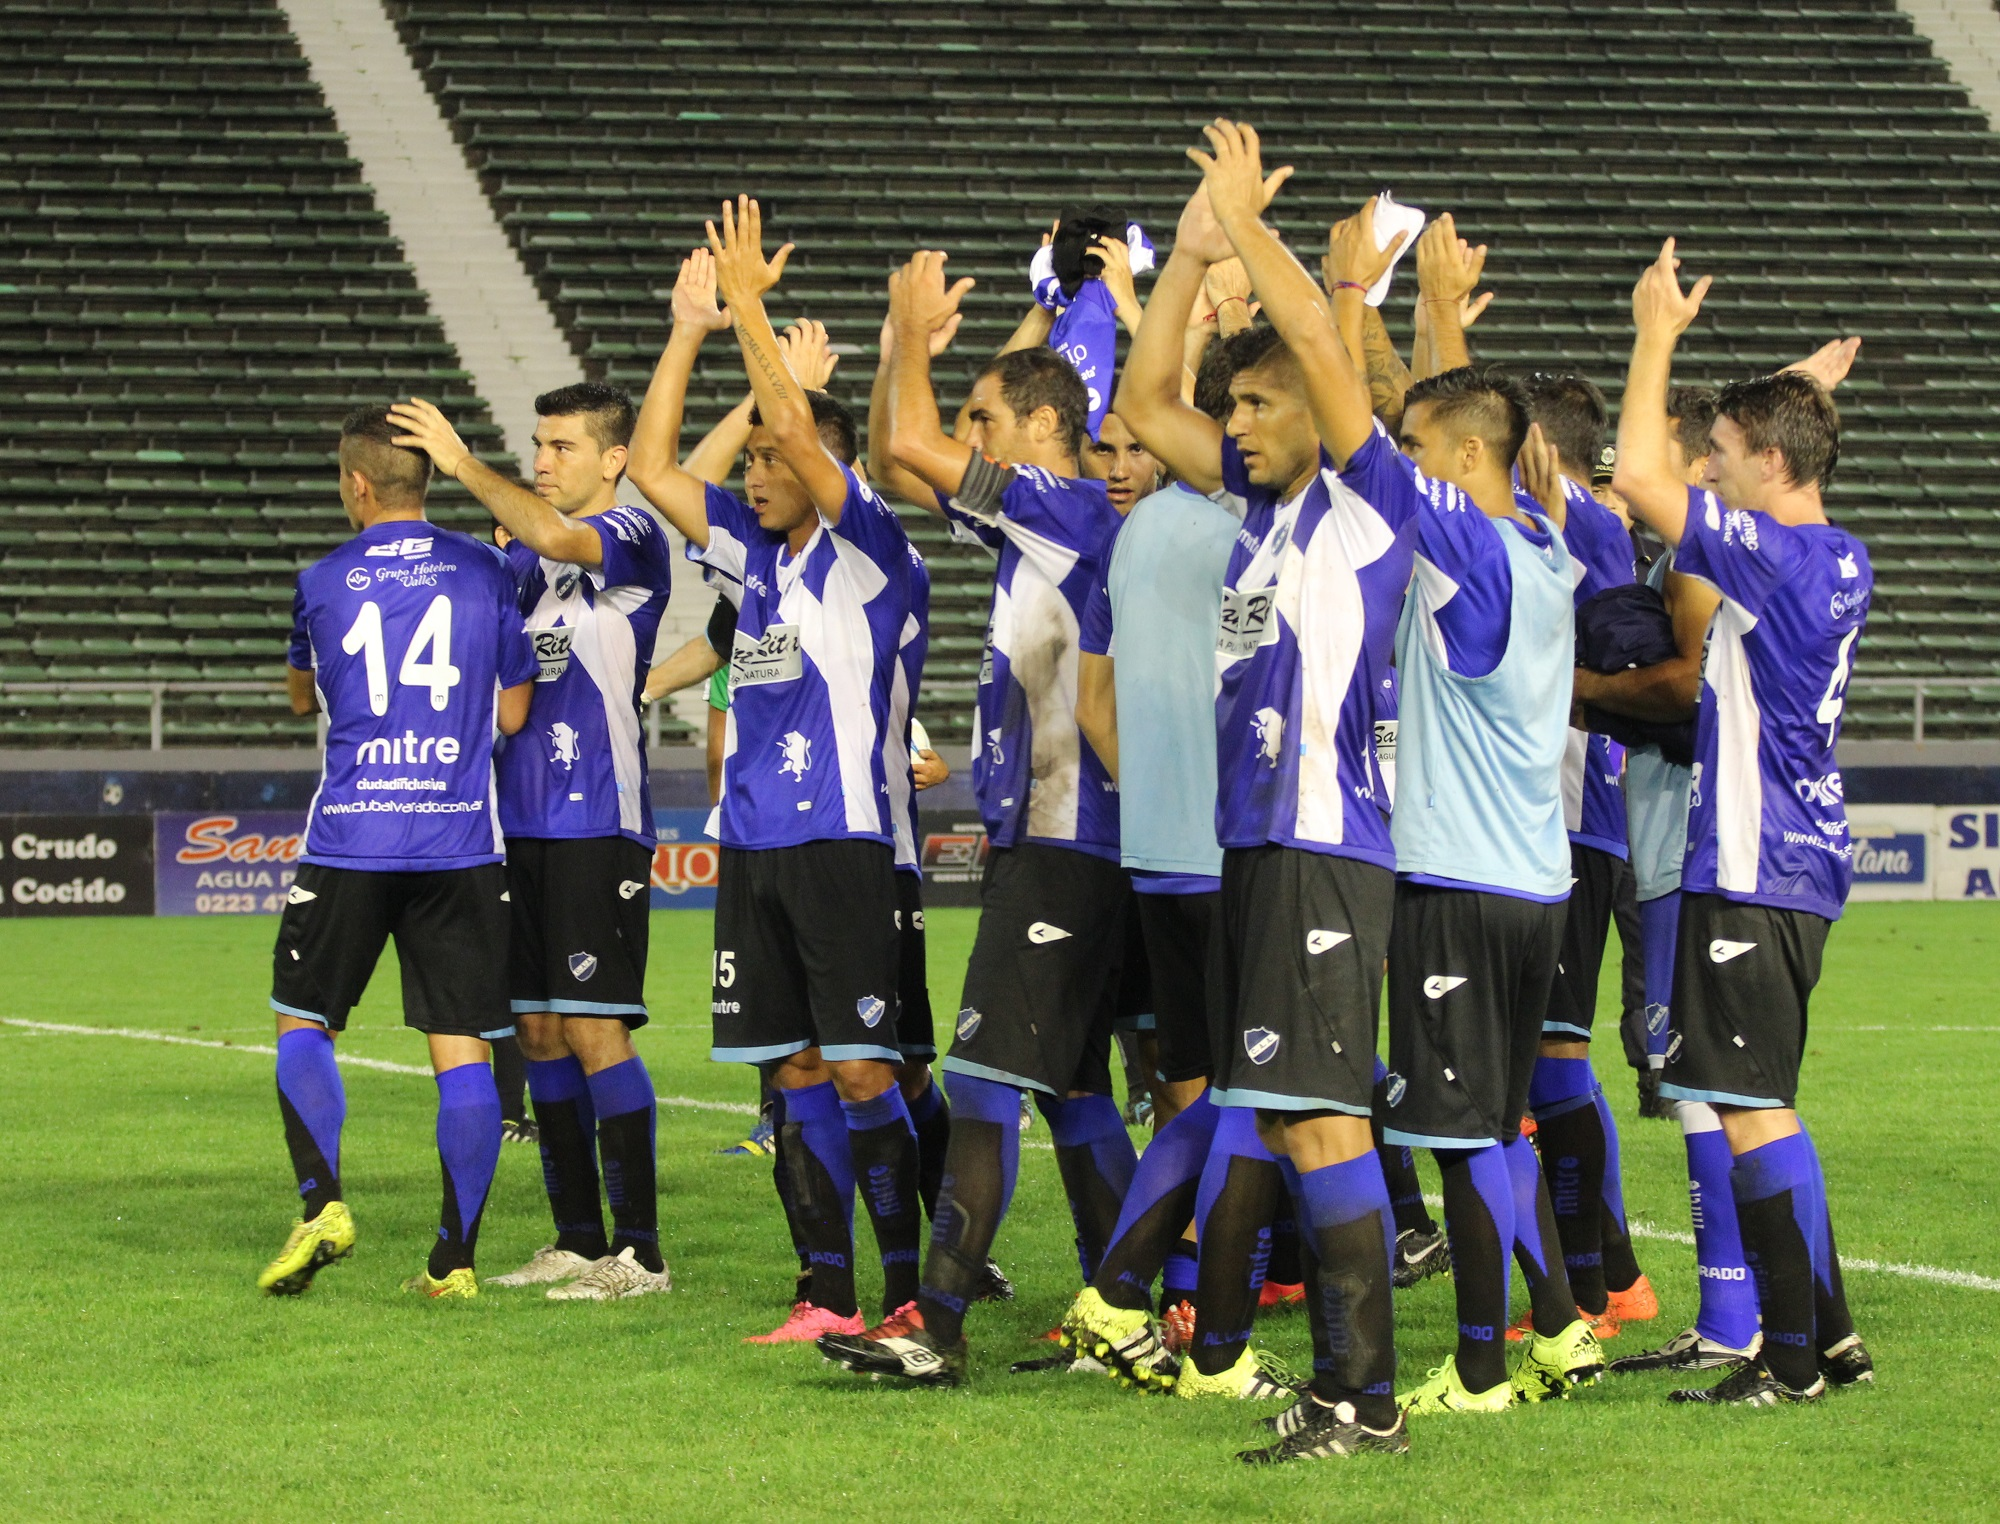 El plantel agradece al público el apoyo una vez consumada la victoria. (Foto. María Florencia Arroyos/Alva Prensa)